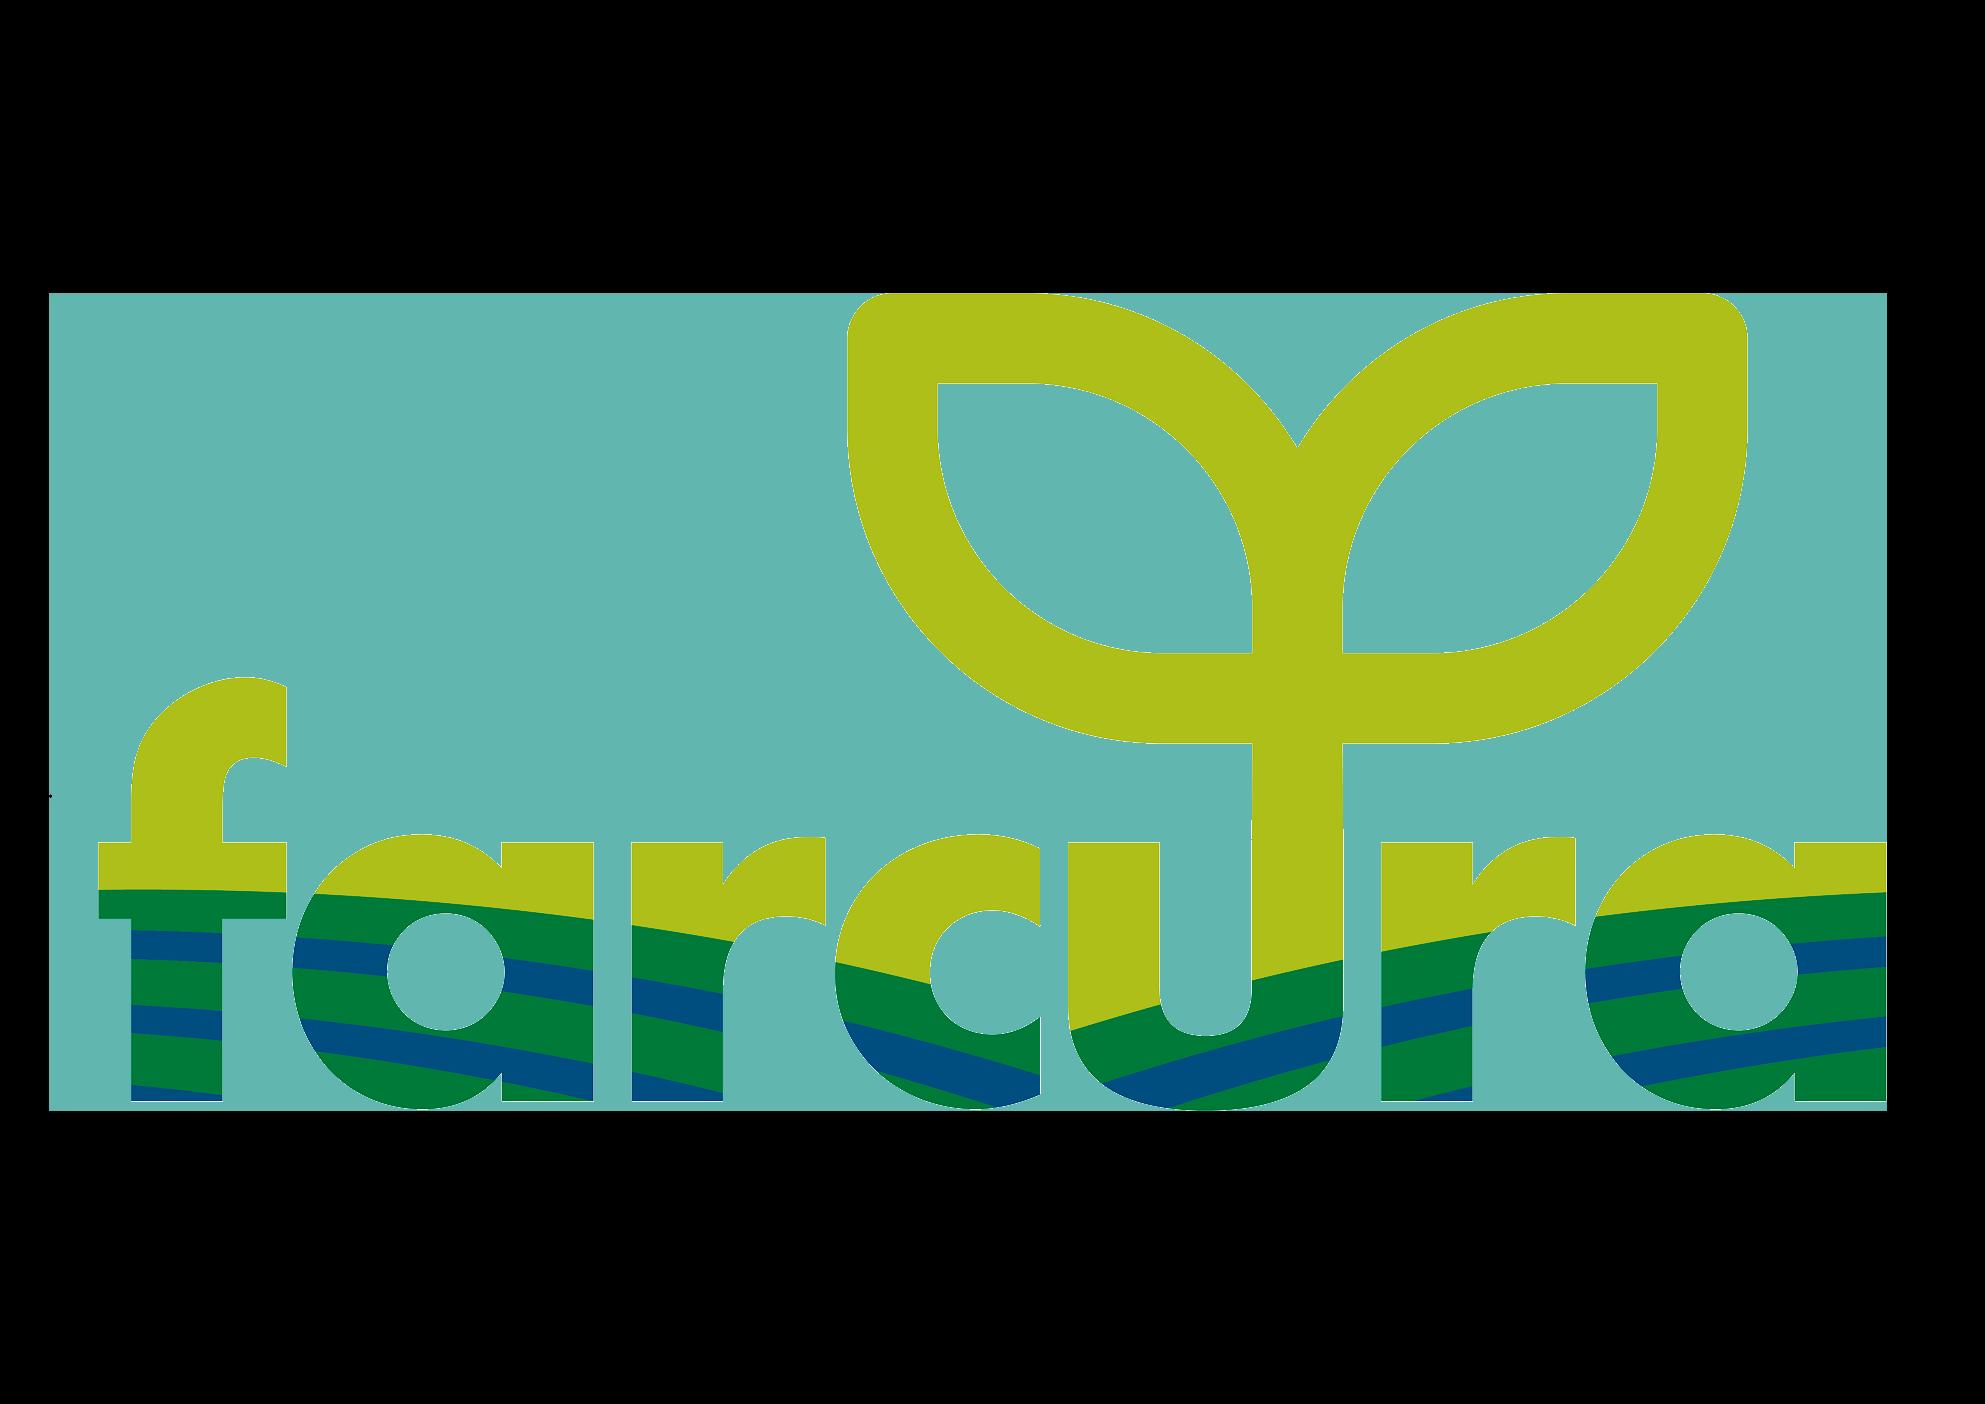 FARCURA